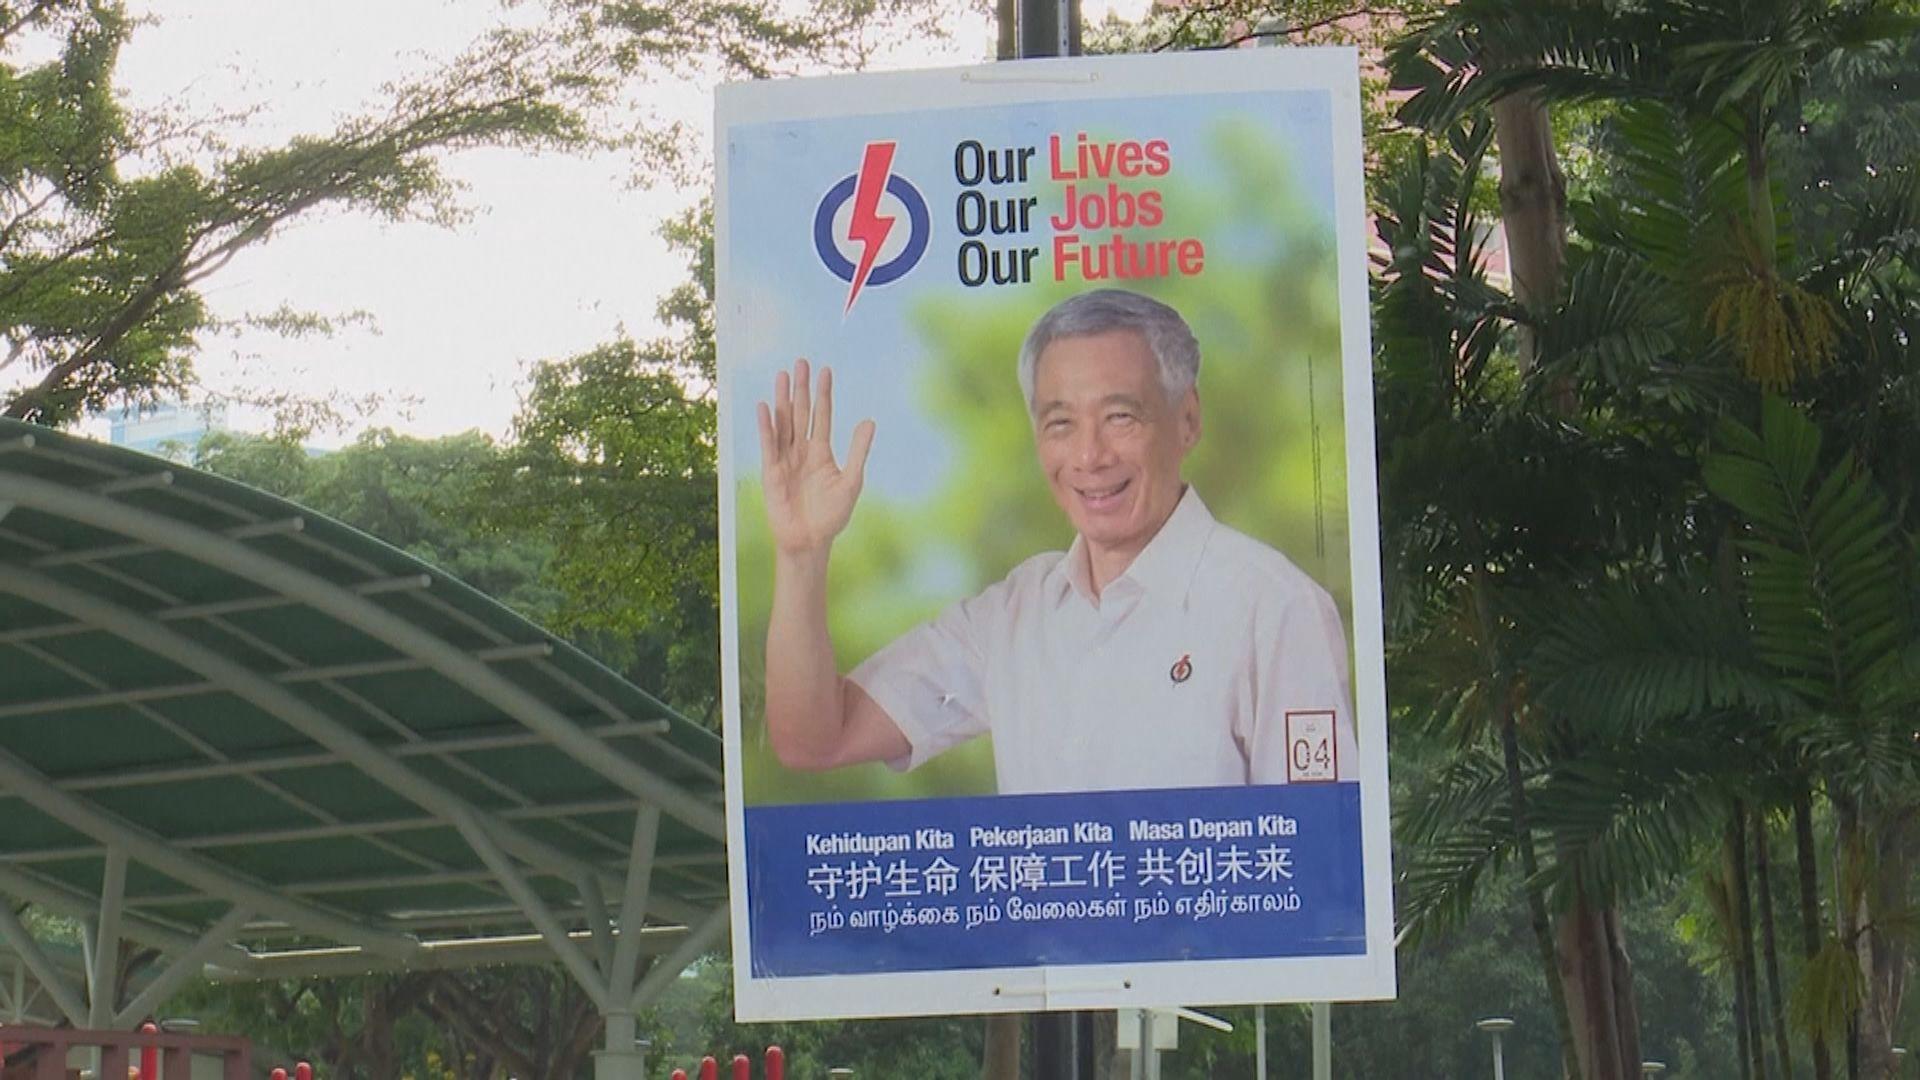 新加坡國會選舉今投票 分析:執政黨幾可肯定繼續執政